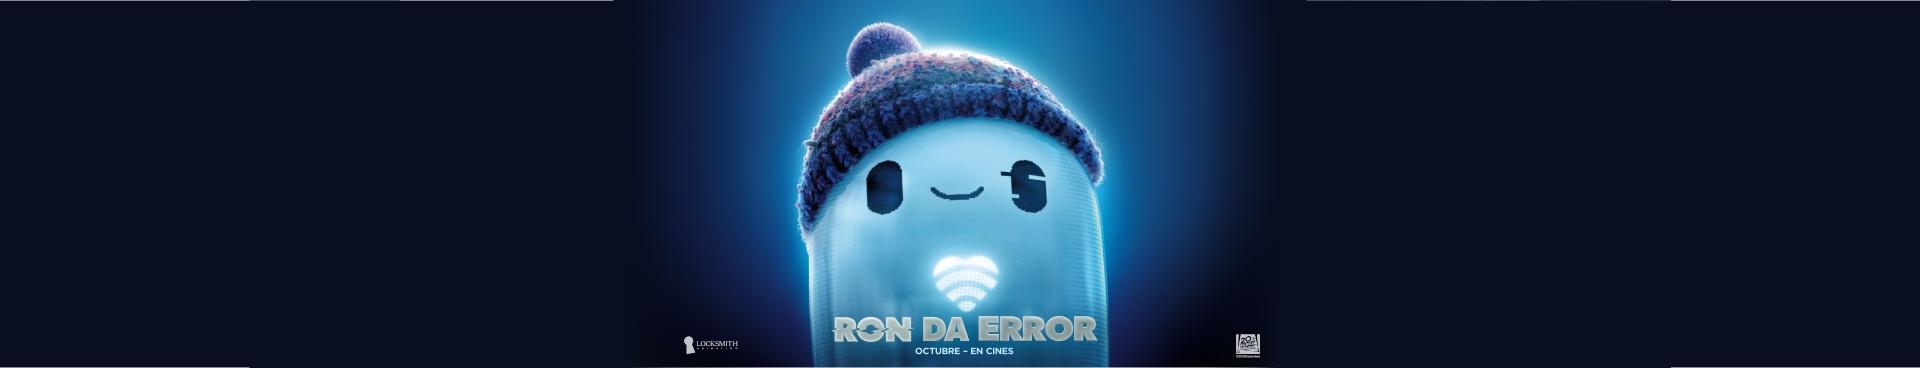 Ron da error